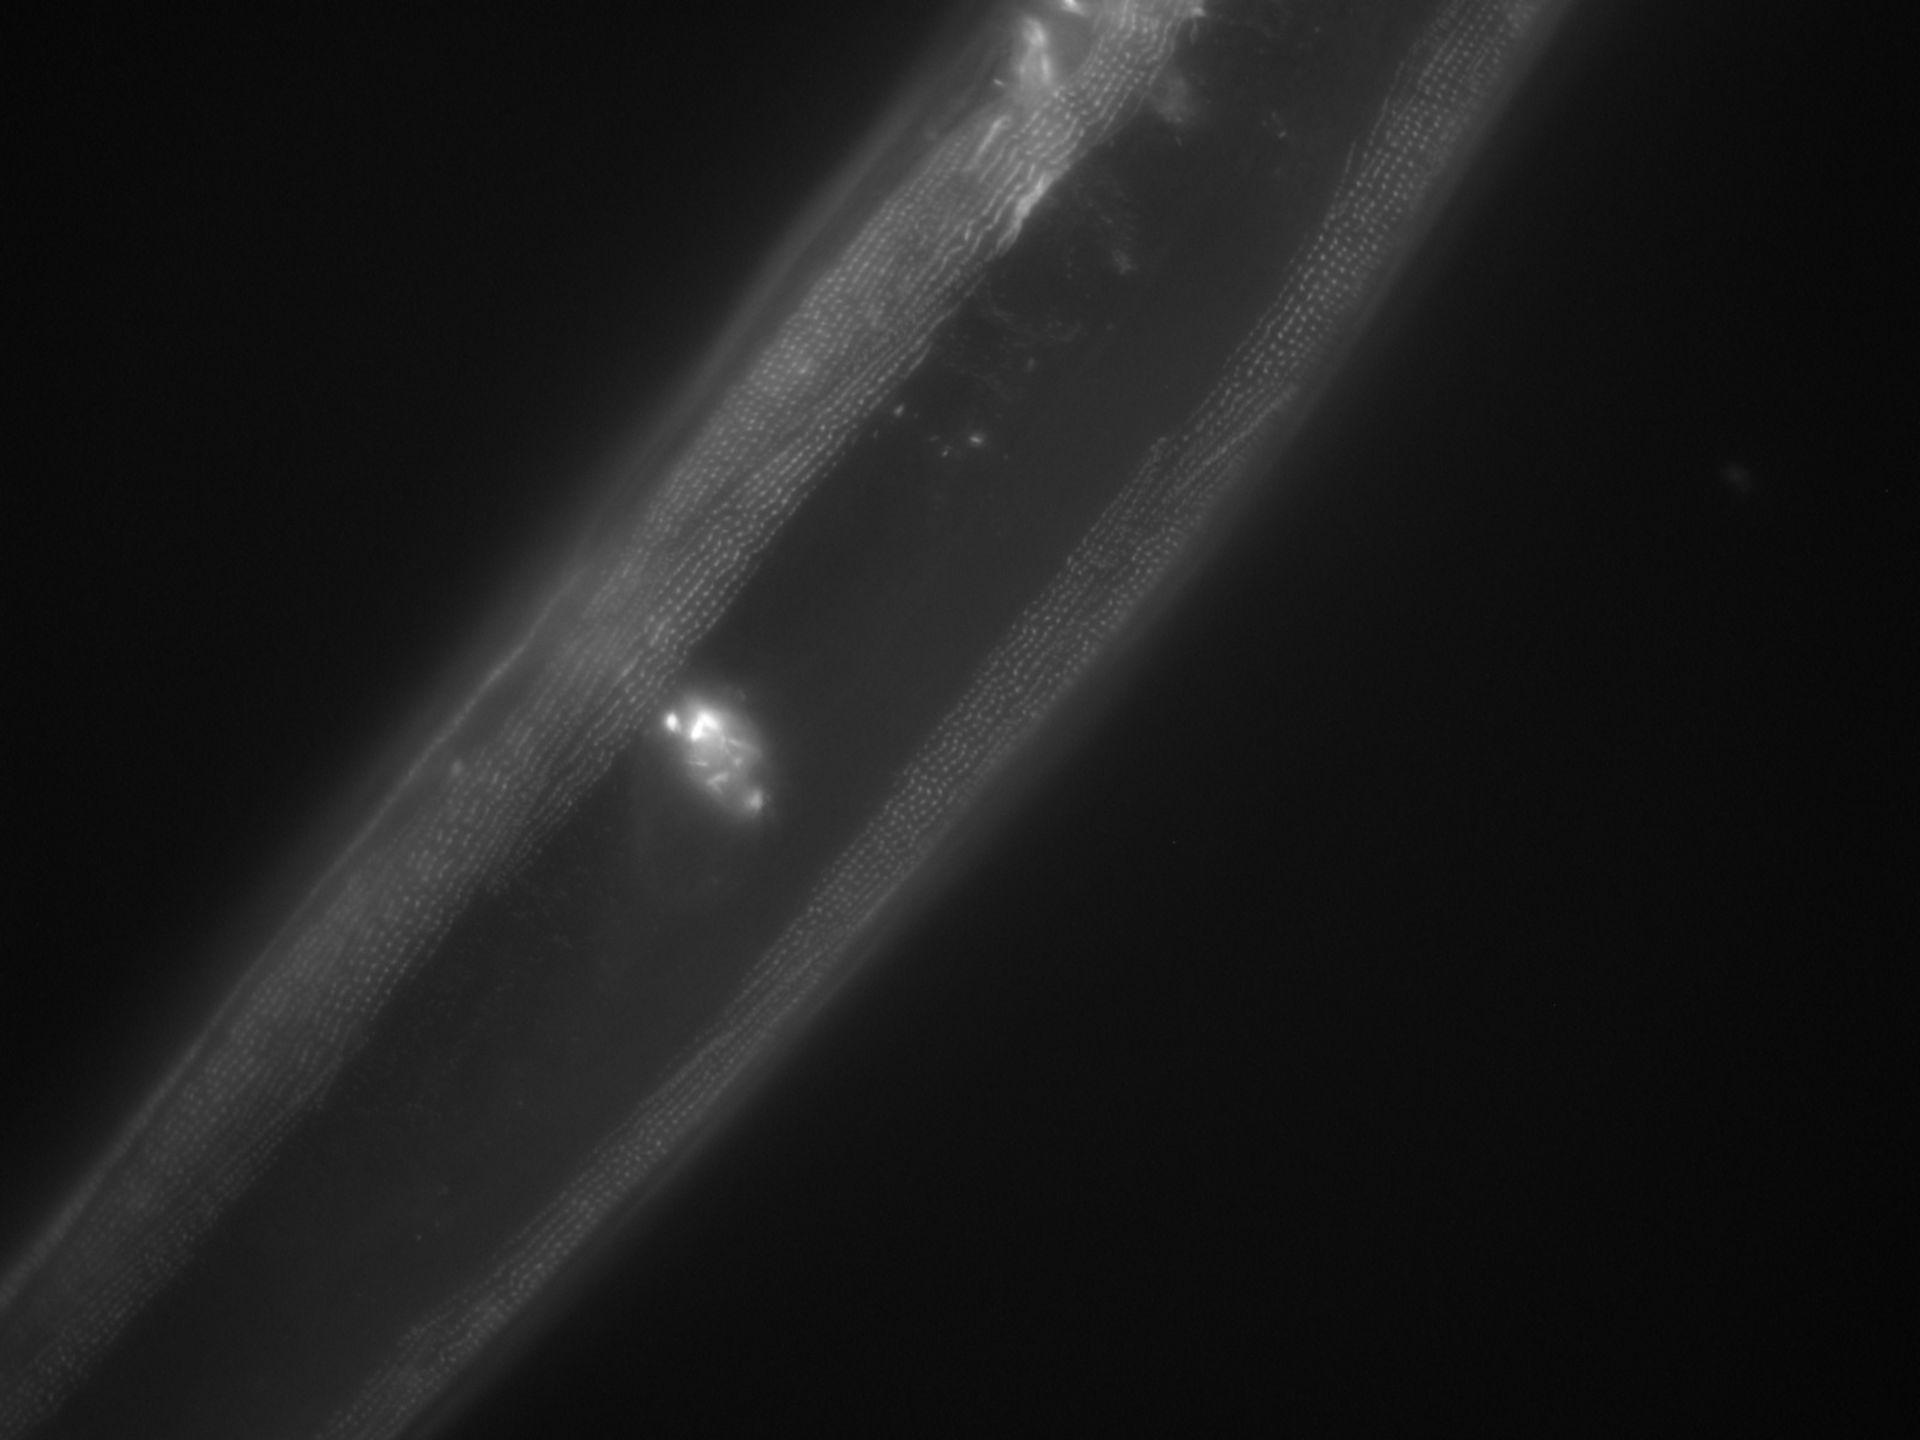 Caenorhabditis elegans (Actin filament) - CIL:1030